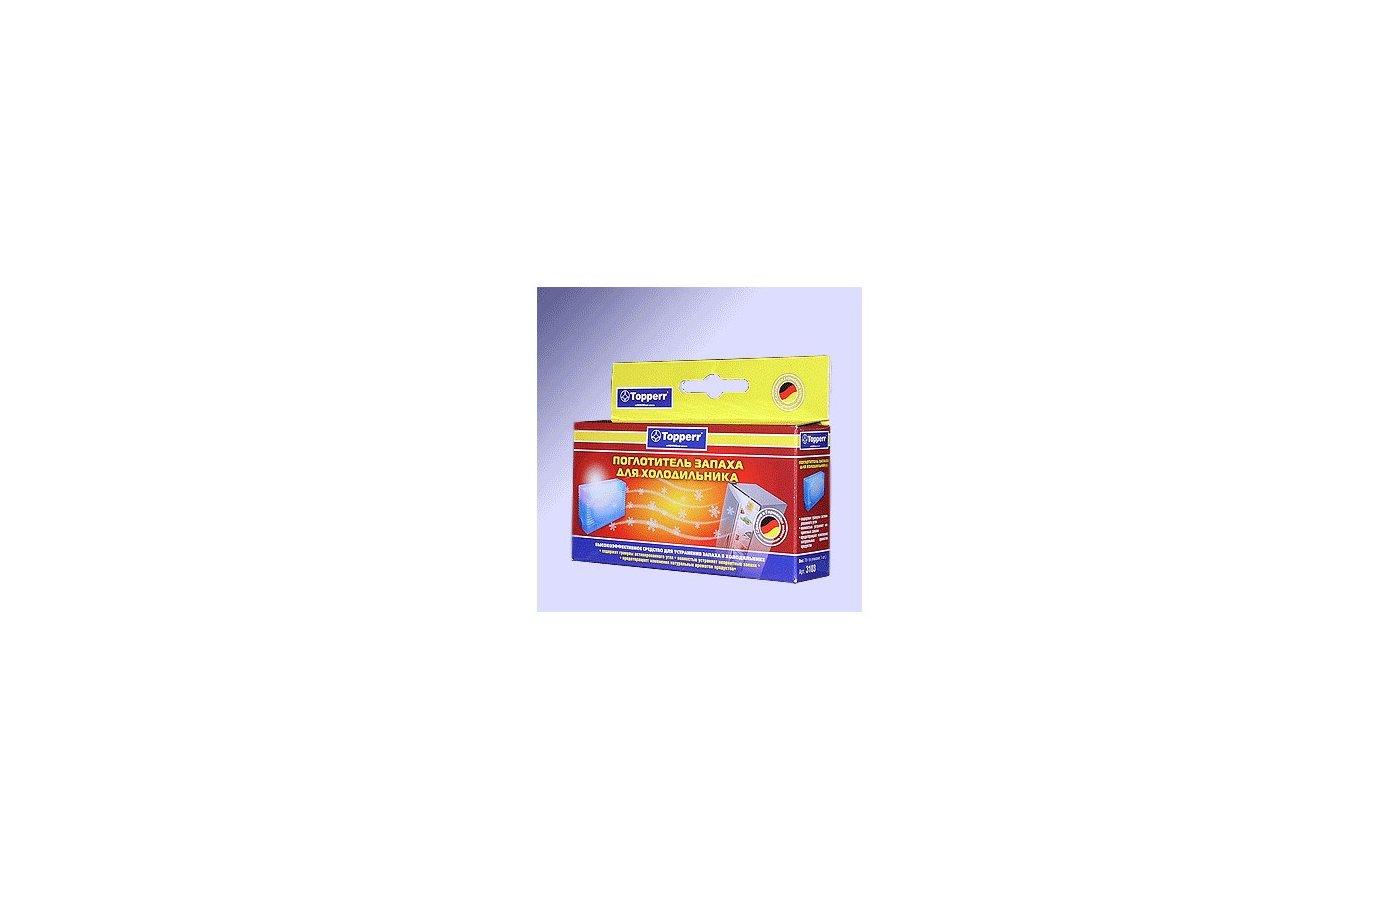 Аксессуар к холодильникам TOPPERR 3105 Поглотитель запаха д/холодильника набор из 2х шт